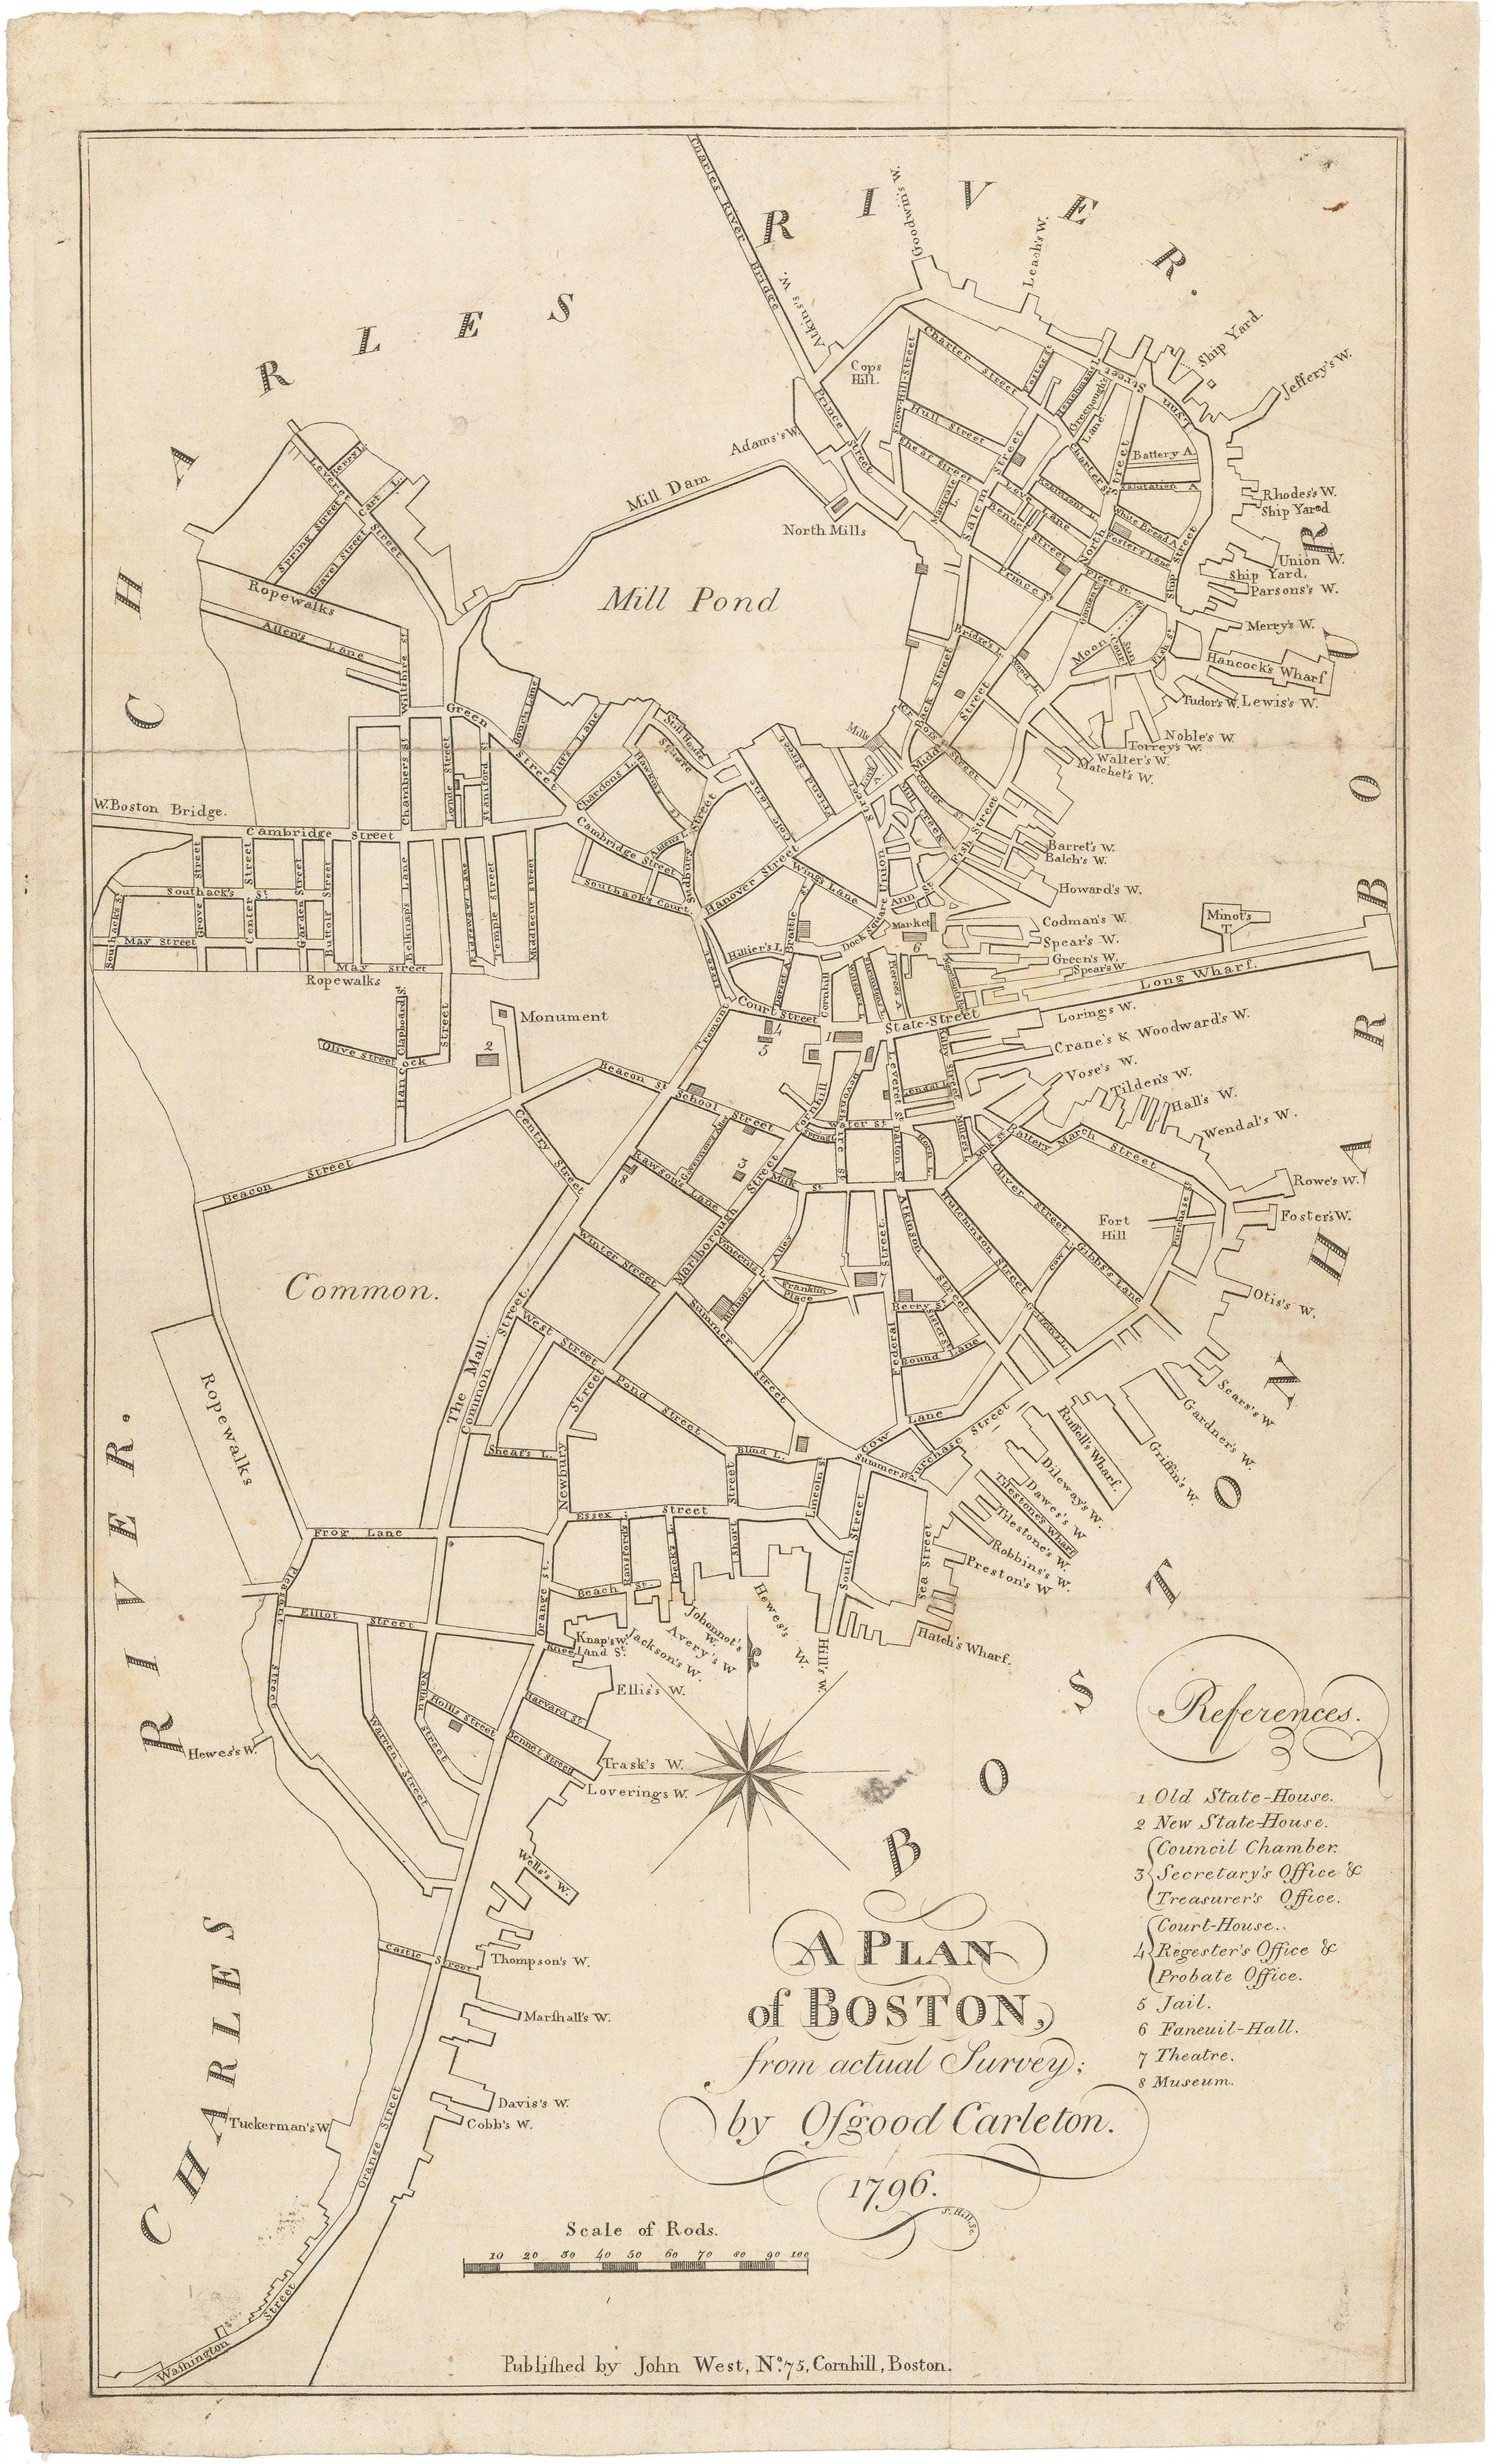 1796 plan of Boston by Osgood Carleton